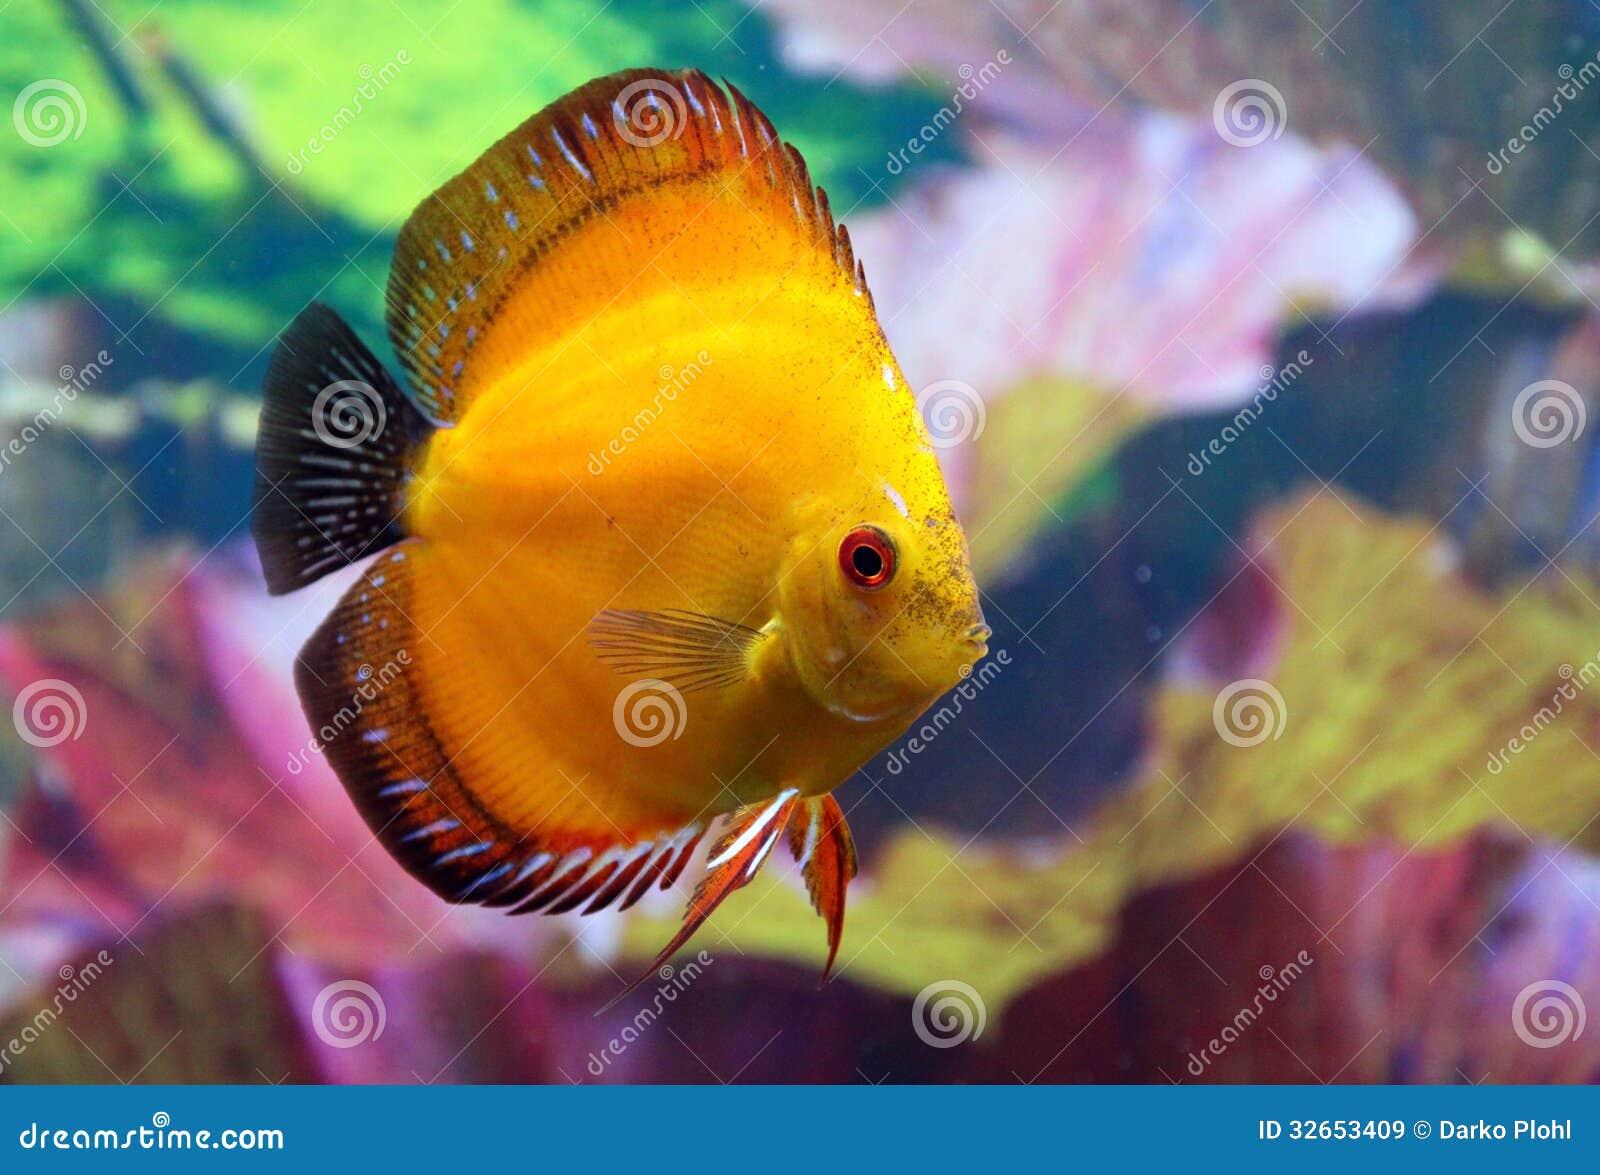 discus aquarium fish stock image image of cichlids aquaristic